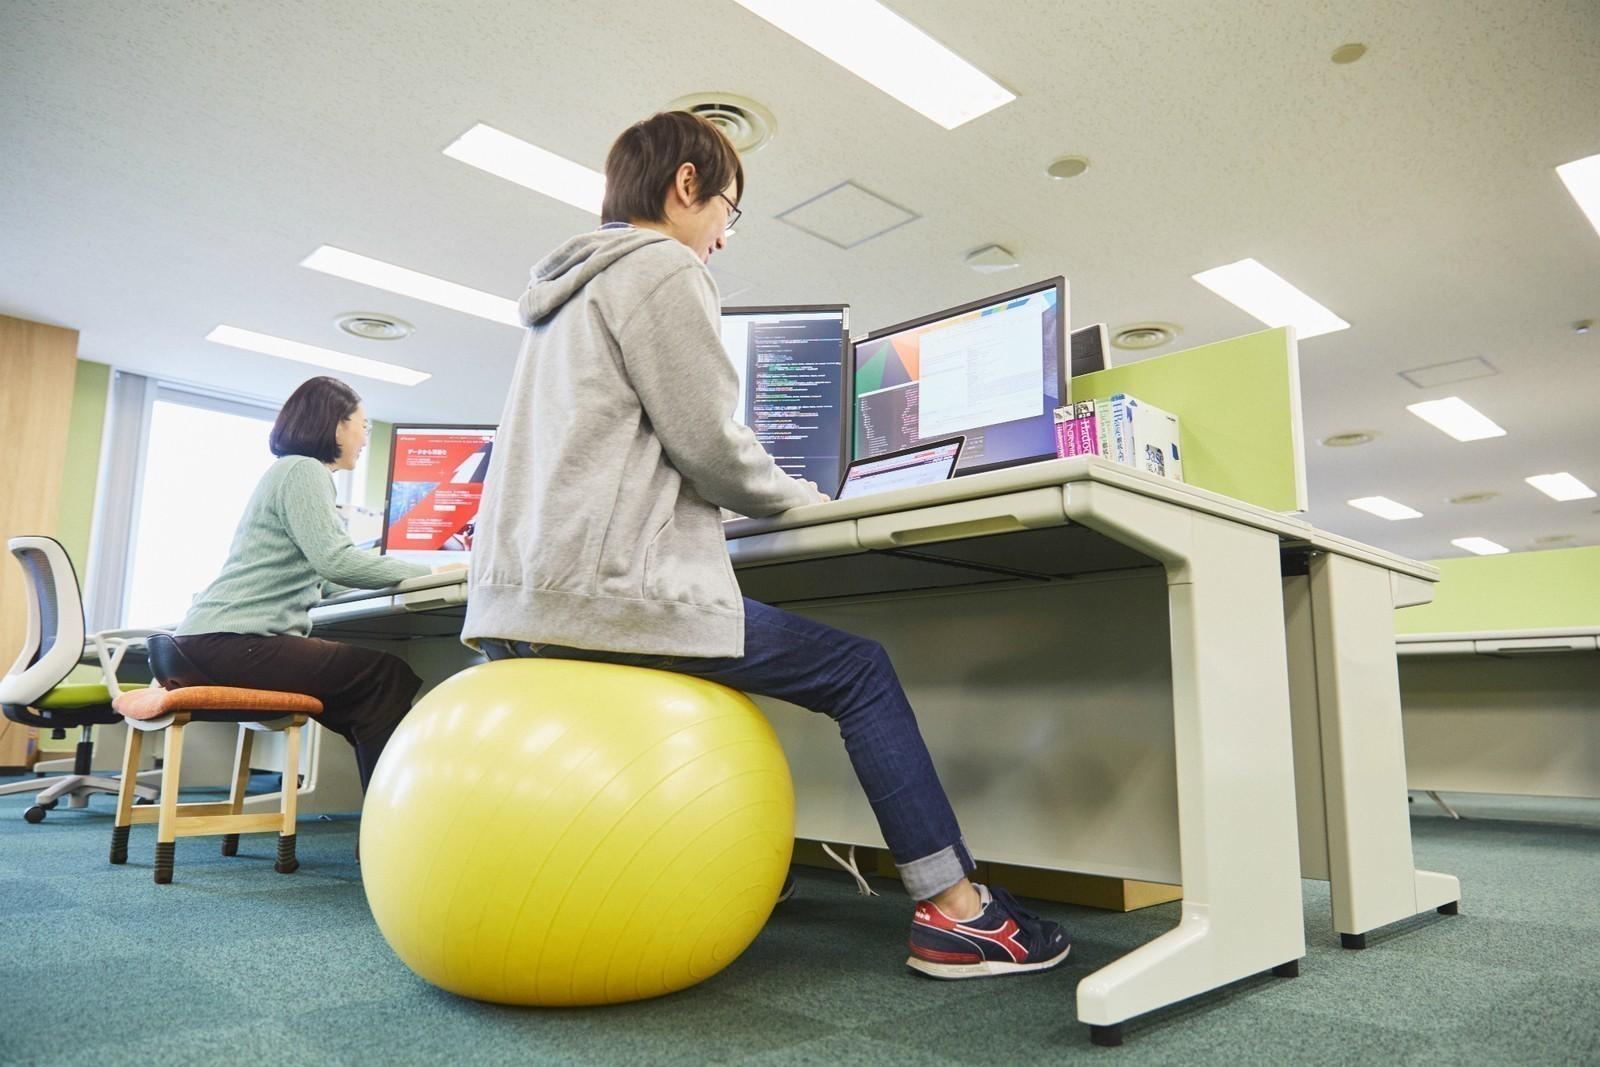 【オープンポジション】東証一部のデータサイエンス企業・ブレインパッドがエンジニアを募集中!